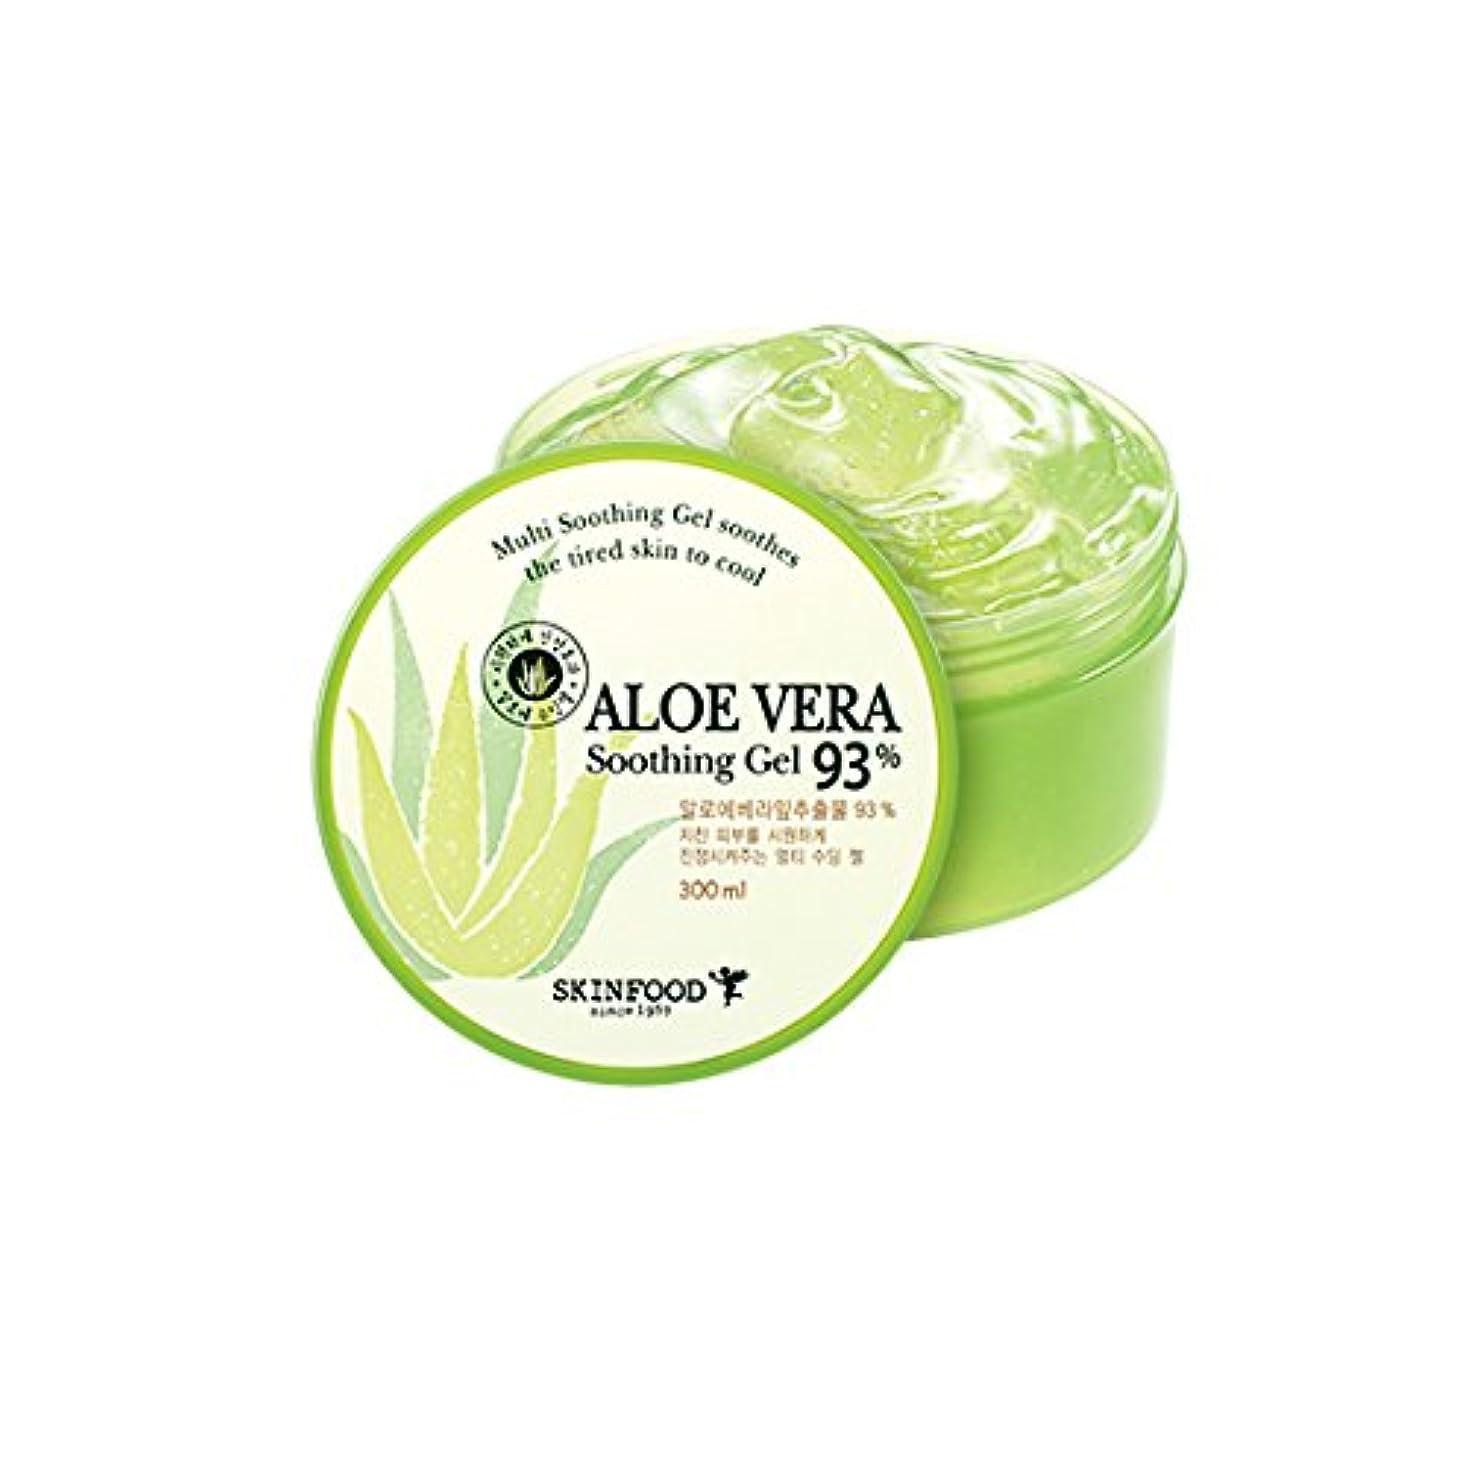 シロクマねばねば憂鬱なSkinfood アロエベラ93%スージングジェル/Aloe Vera 93% Soothing Gel 300ml [並行輸入品]